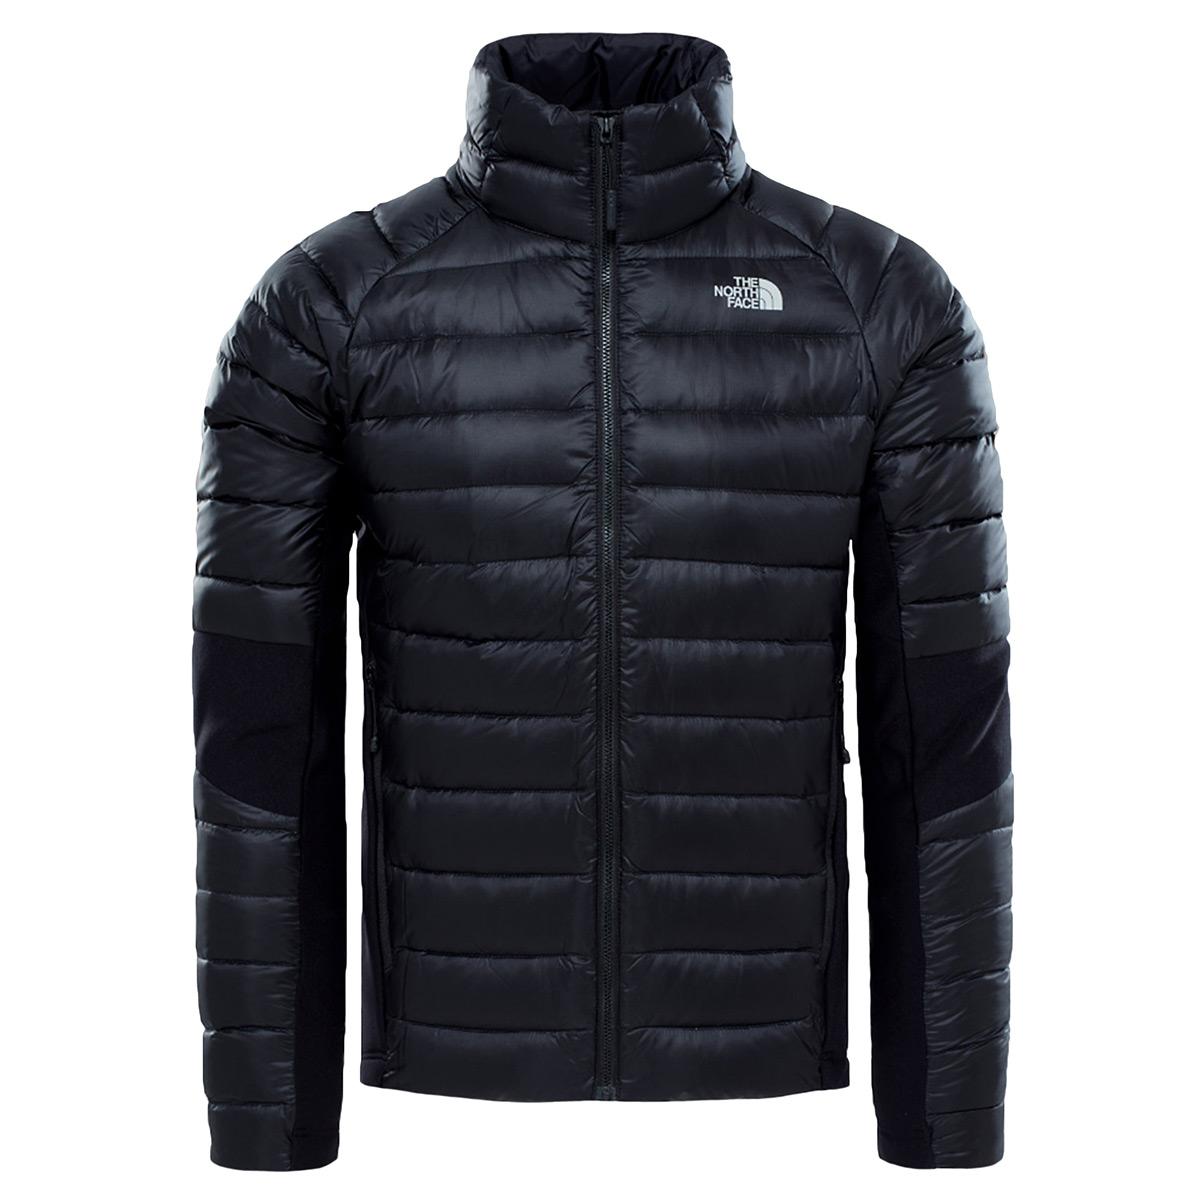 cc4d6b30e1 Vêtements The North Face pas cher(e) et Vêtements The North Face en ...